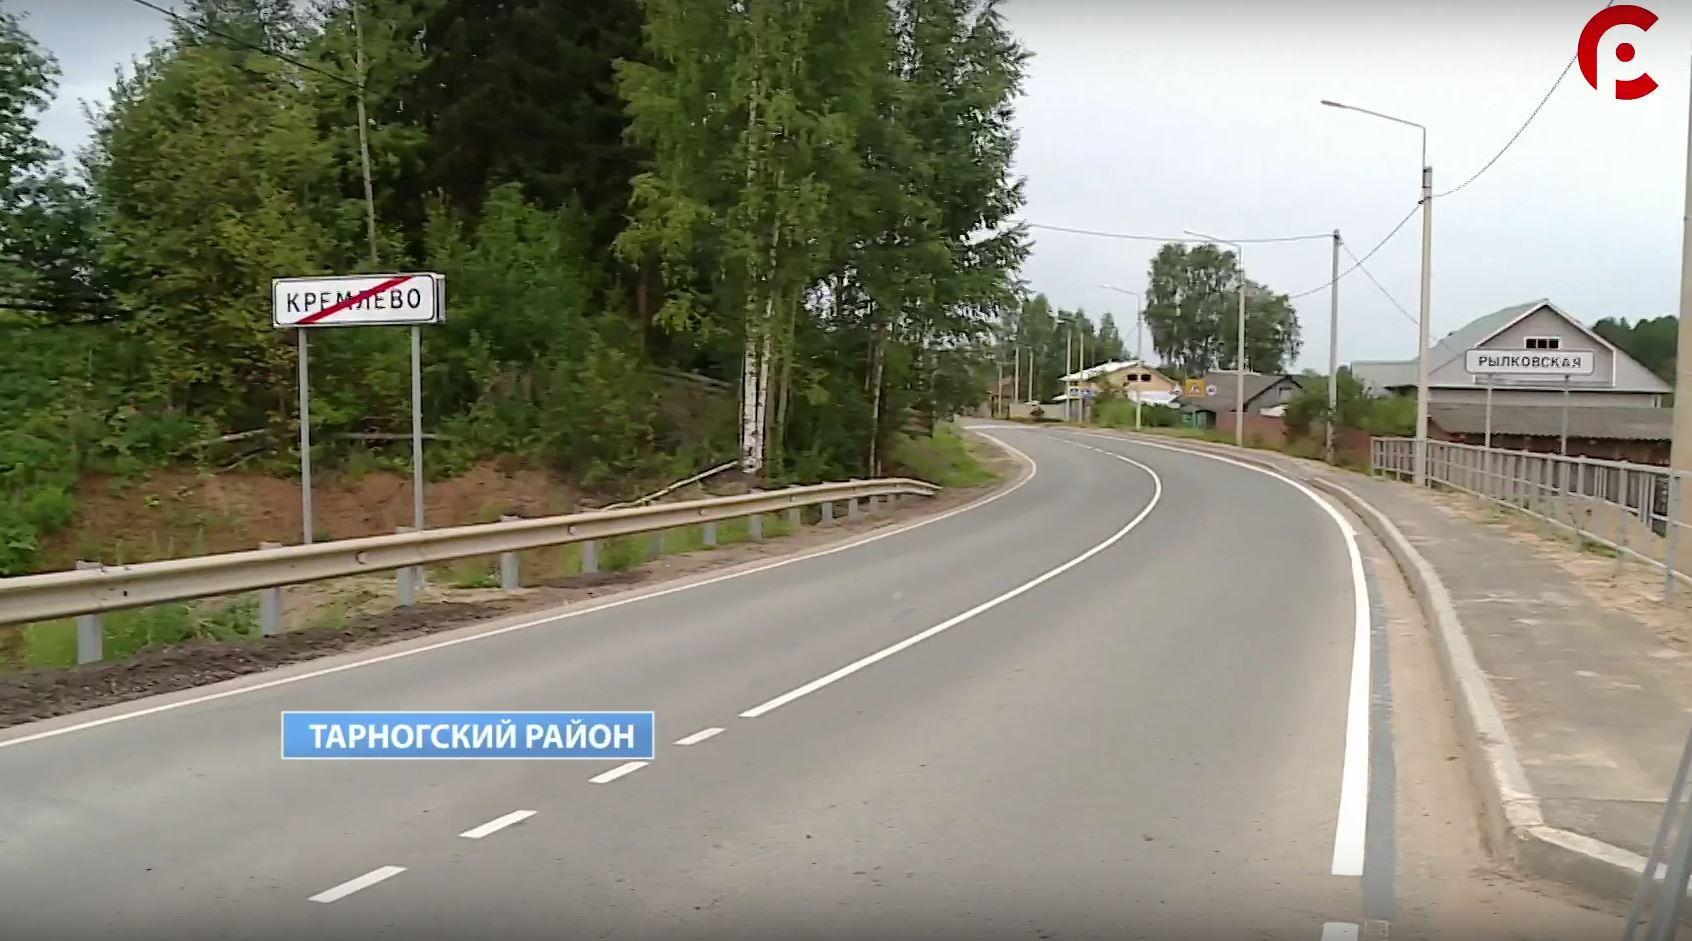 У деревни Кремлёво вместо гравия появились асфальт и тротуары